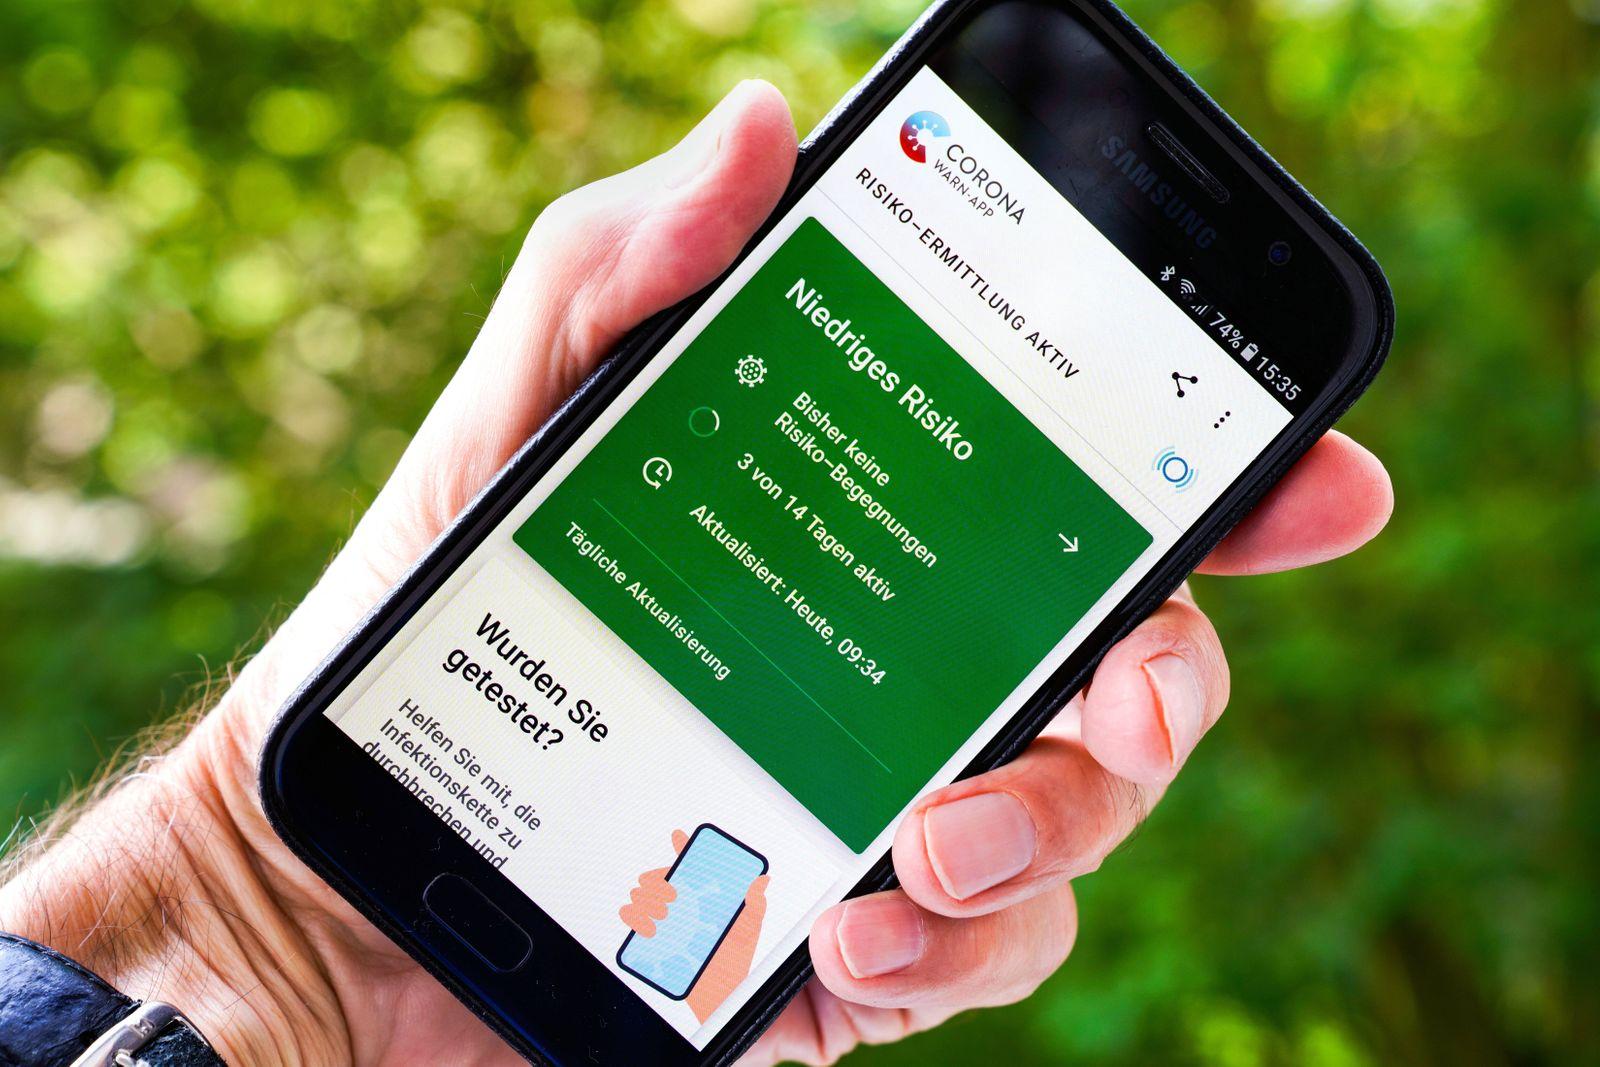 Die offizielle Corona-Warn-App auf einem Samsung Smartphone, sie ist seit dem 16.6.2020 verfügbar und zeigt eine eventu